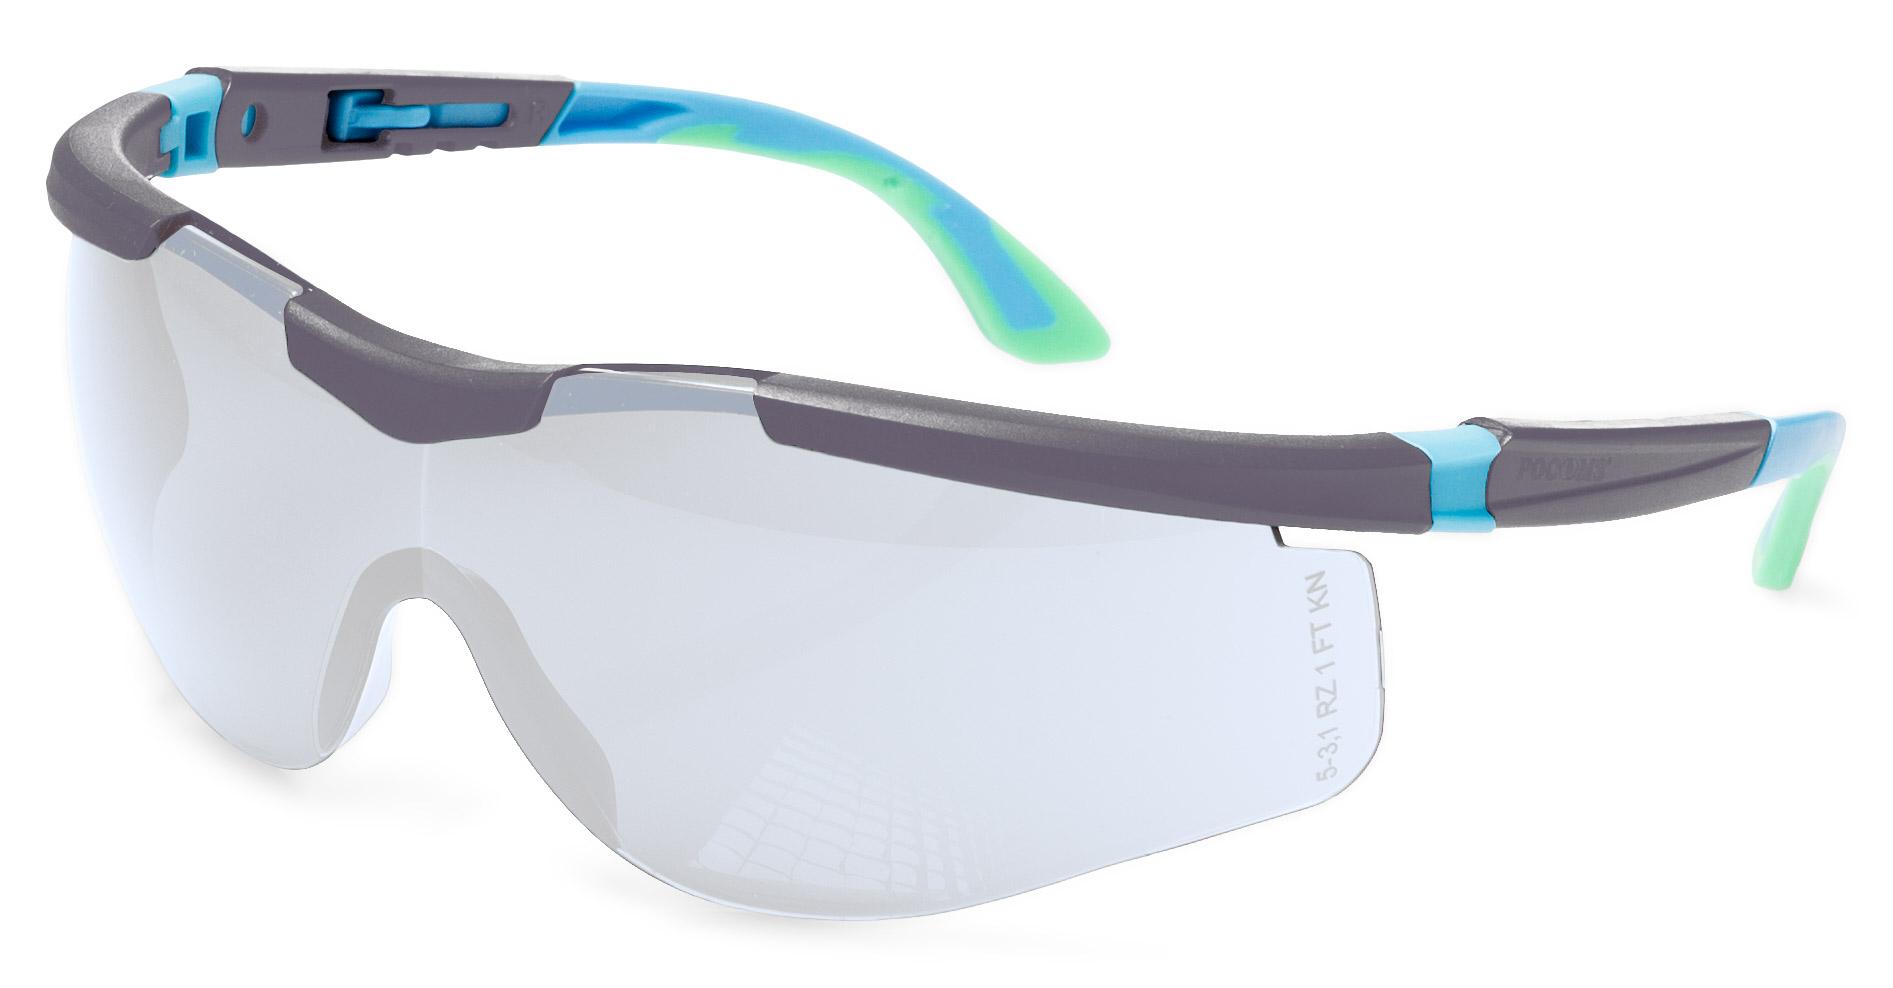 Купить очки гуглес к дрону в сургут купить очки гуглес за бесценок в северодвинск